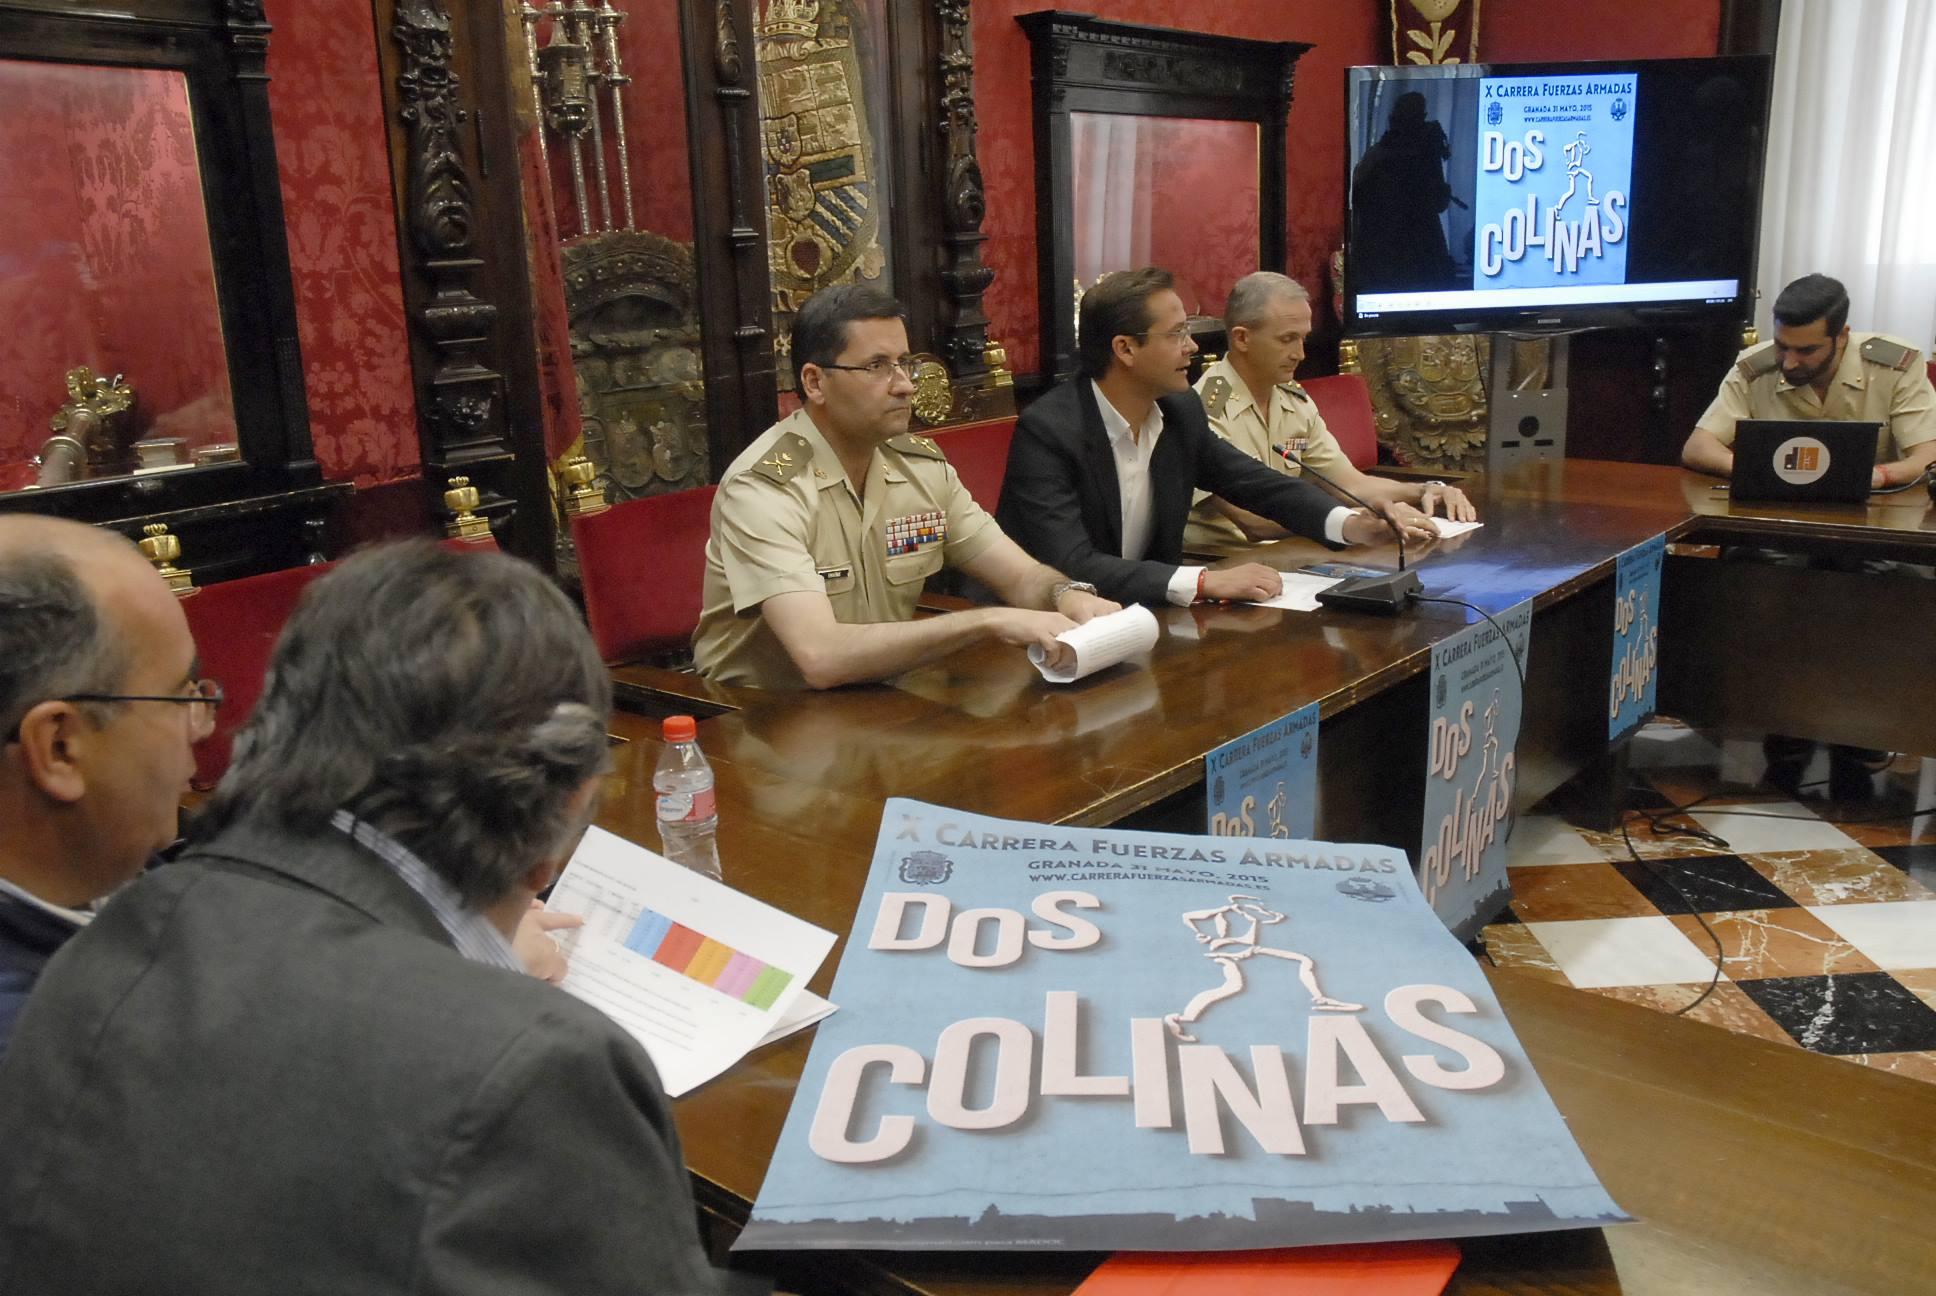 CARRERA DE LAS FUERZAS ARMADAS 2